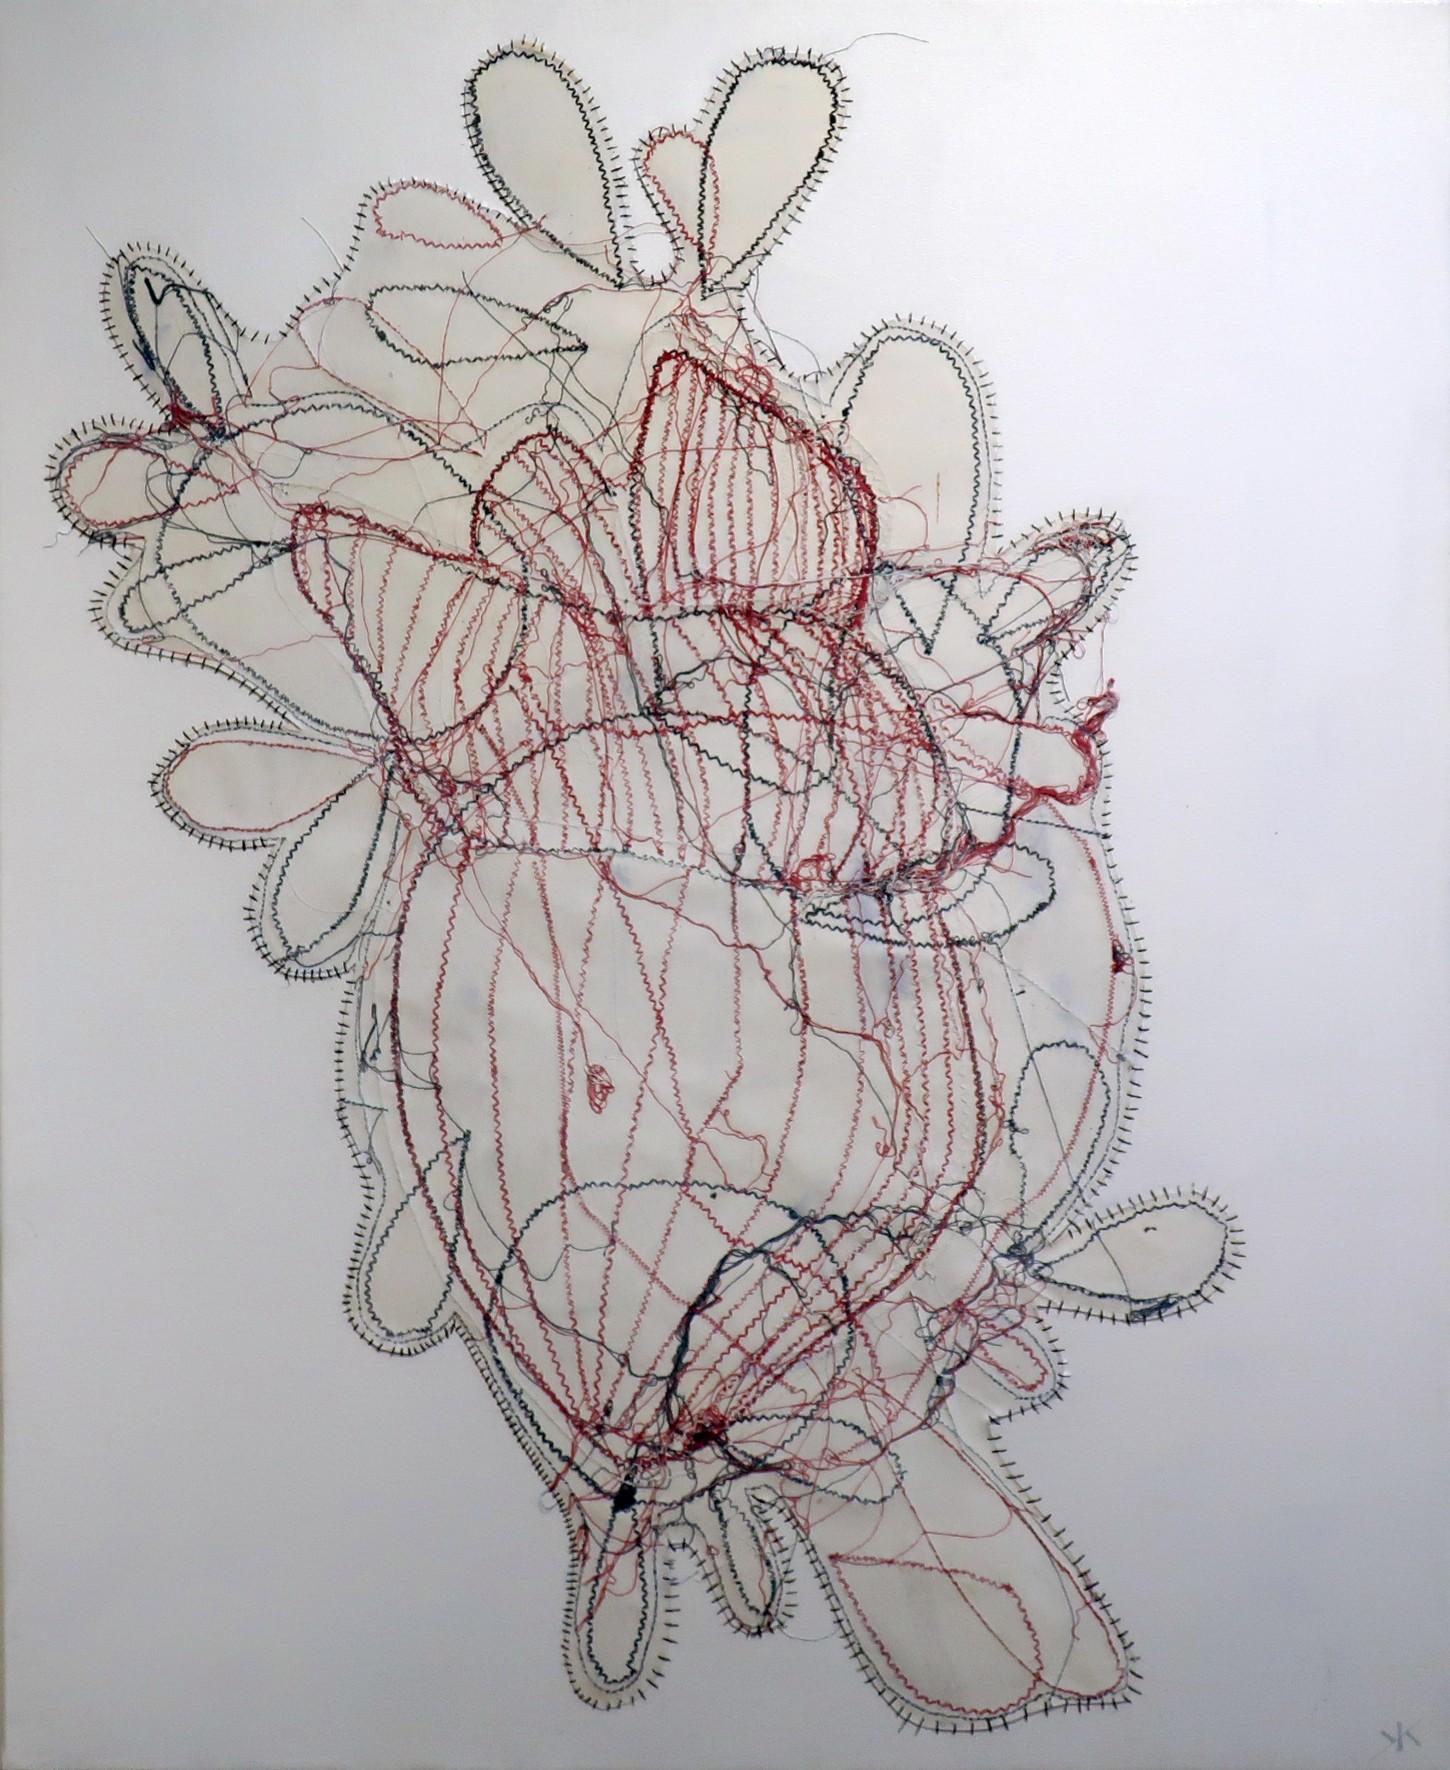 Fils blancs, noirs, rouge papiers, peinture sur toile 64x80cm